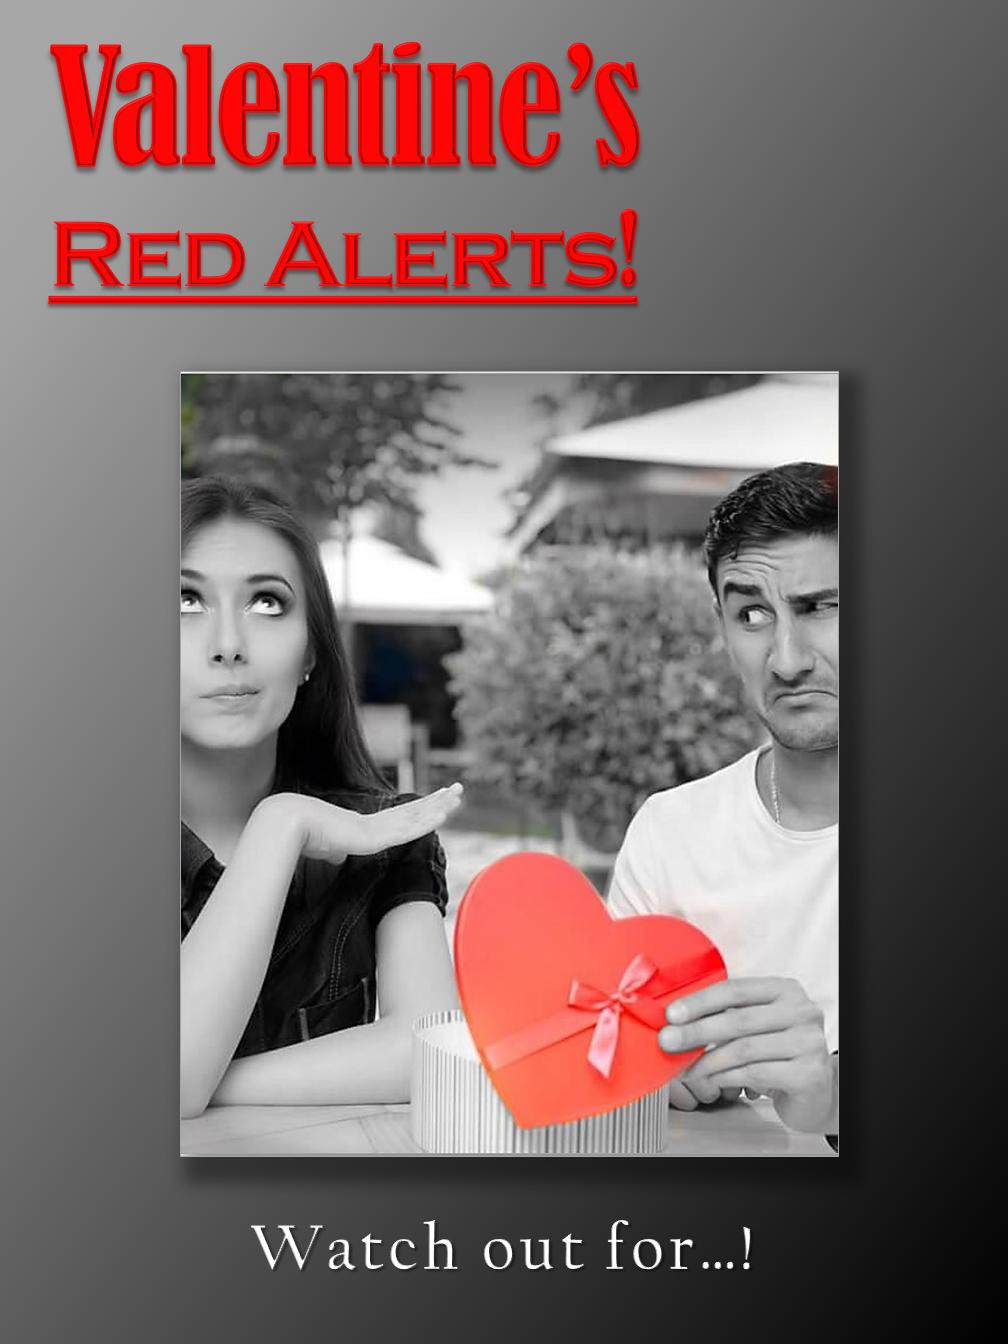 Valentine's Red Alerts